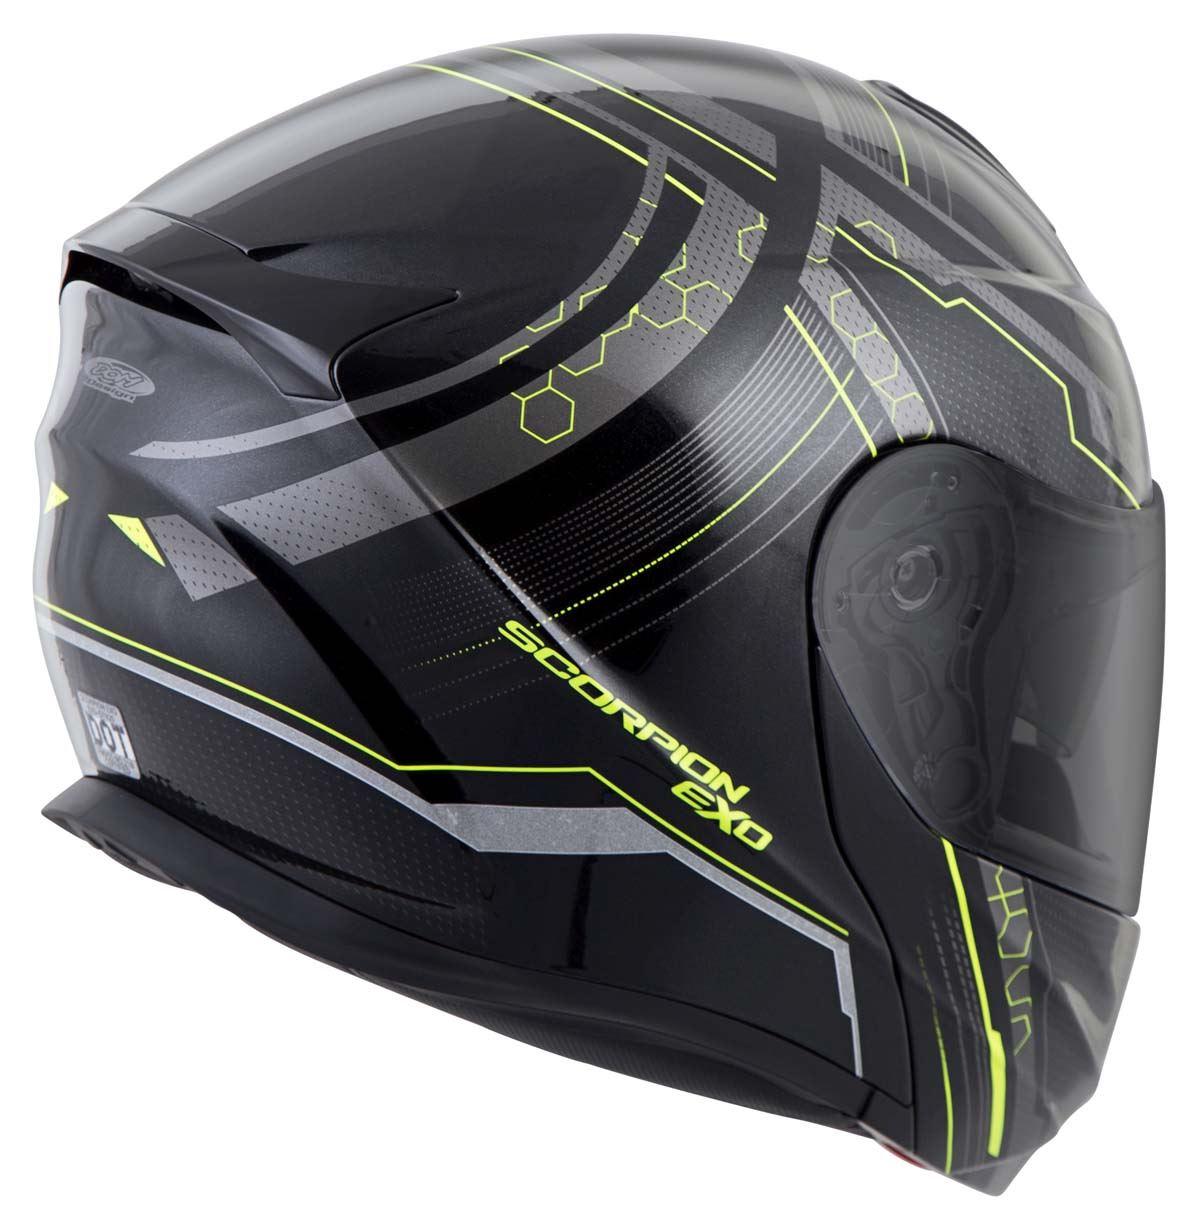 Scorpion-EXO-GT920-Helmet-Sport-Touring-Modular-Flip-Up-DOT-Approved-XS-3XL miniature 32